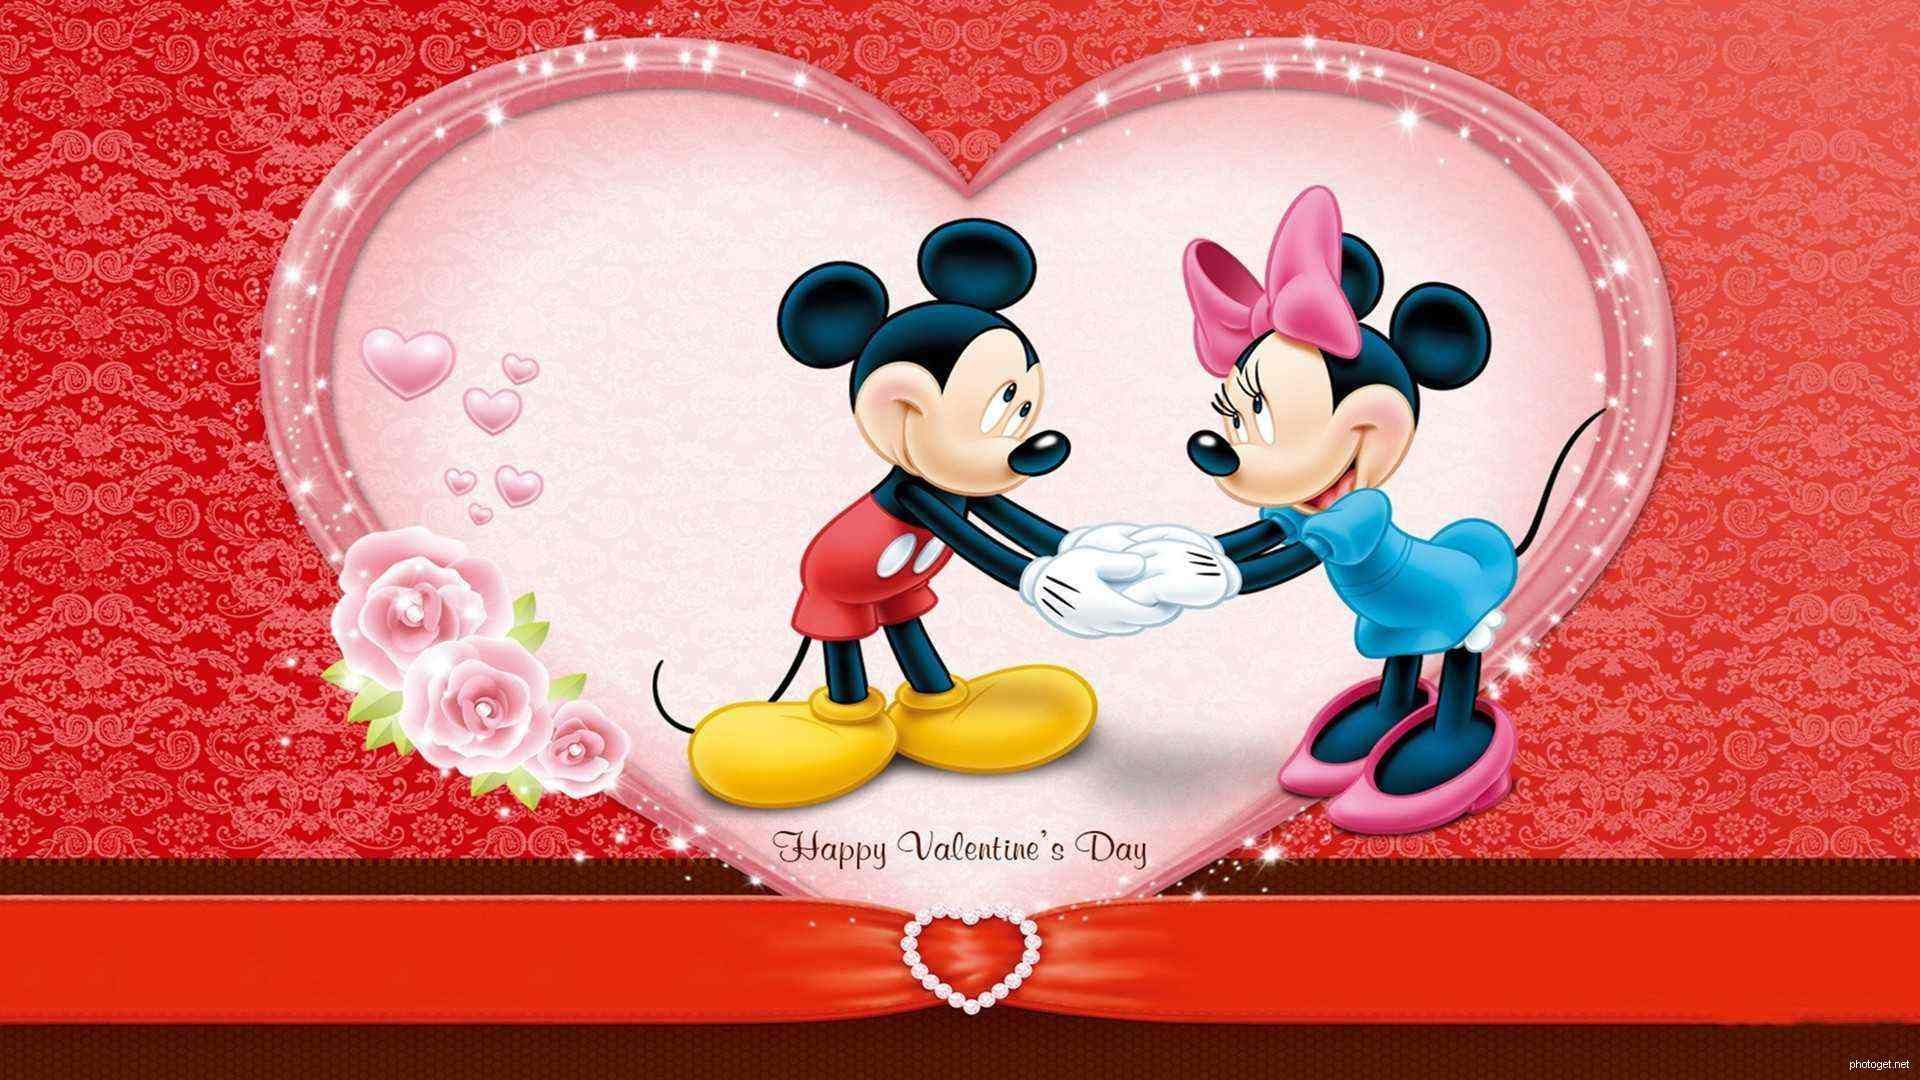 عيد الحب اطفال صور صور رومانسية